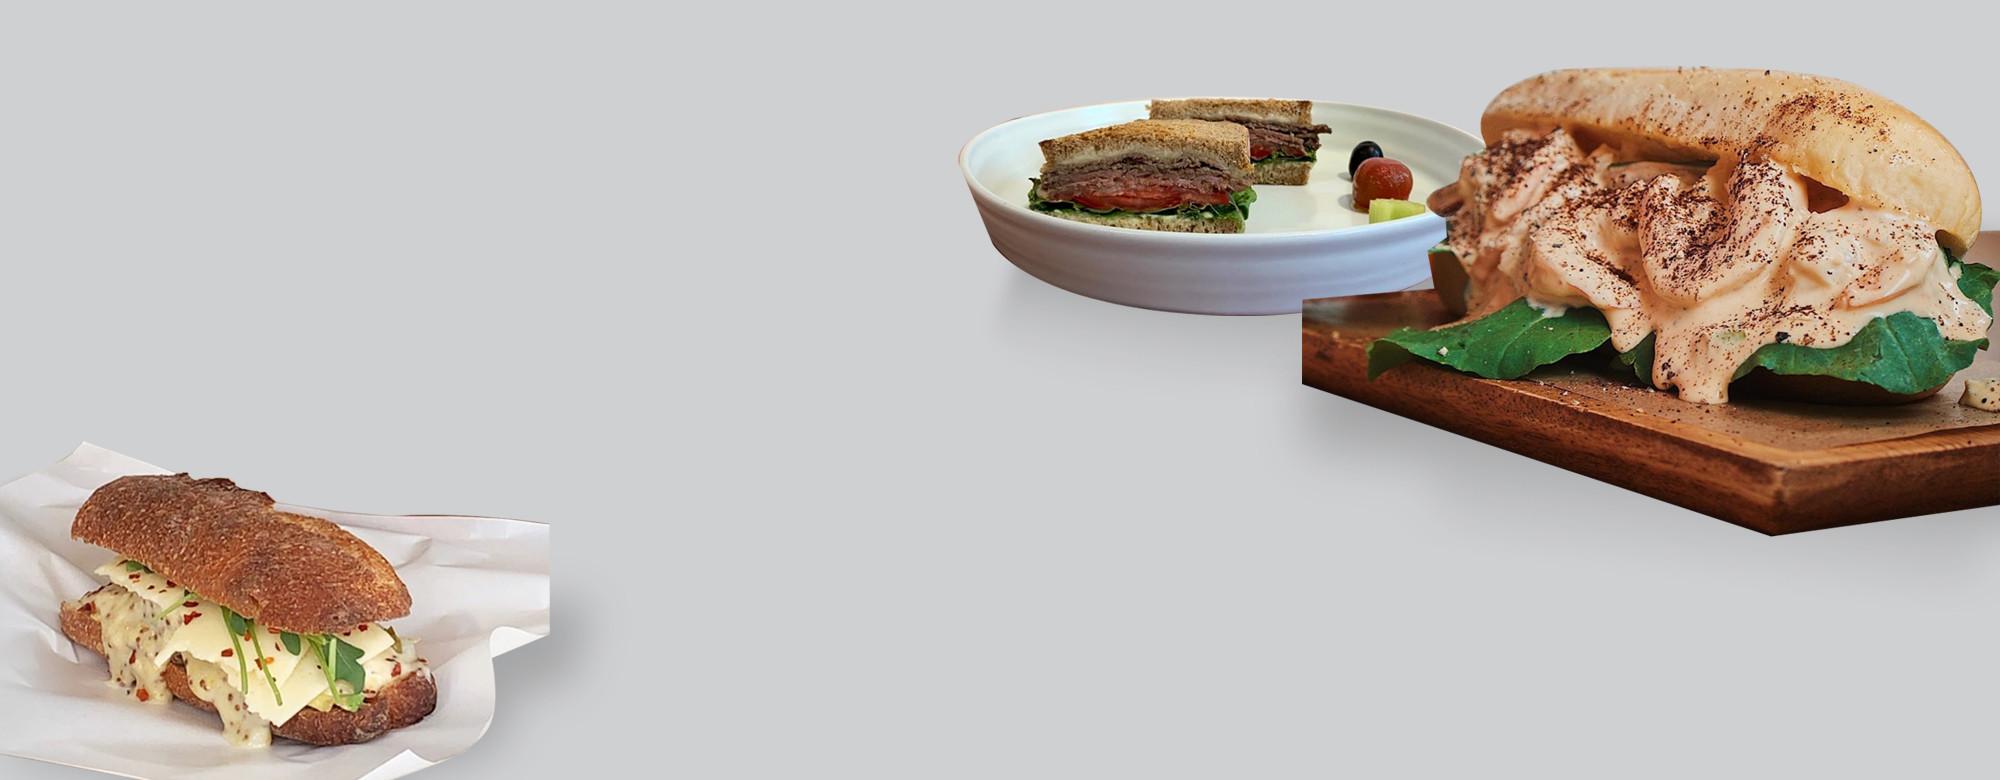 배부른 샌드위치